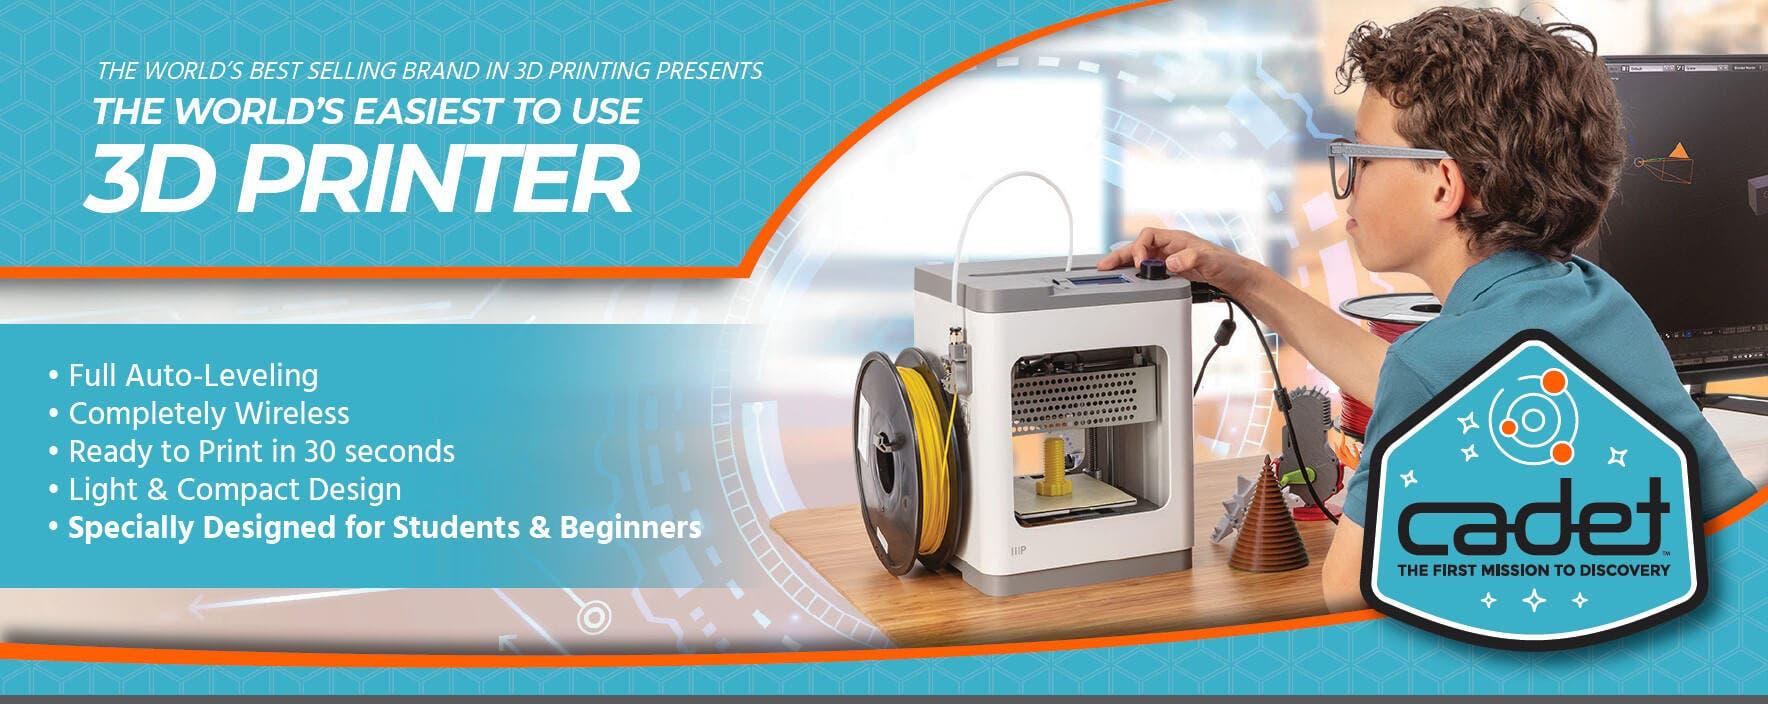 Cadet 3D Printer